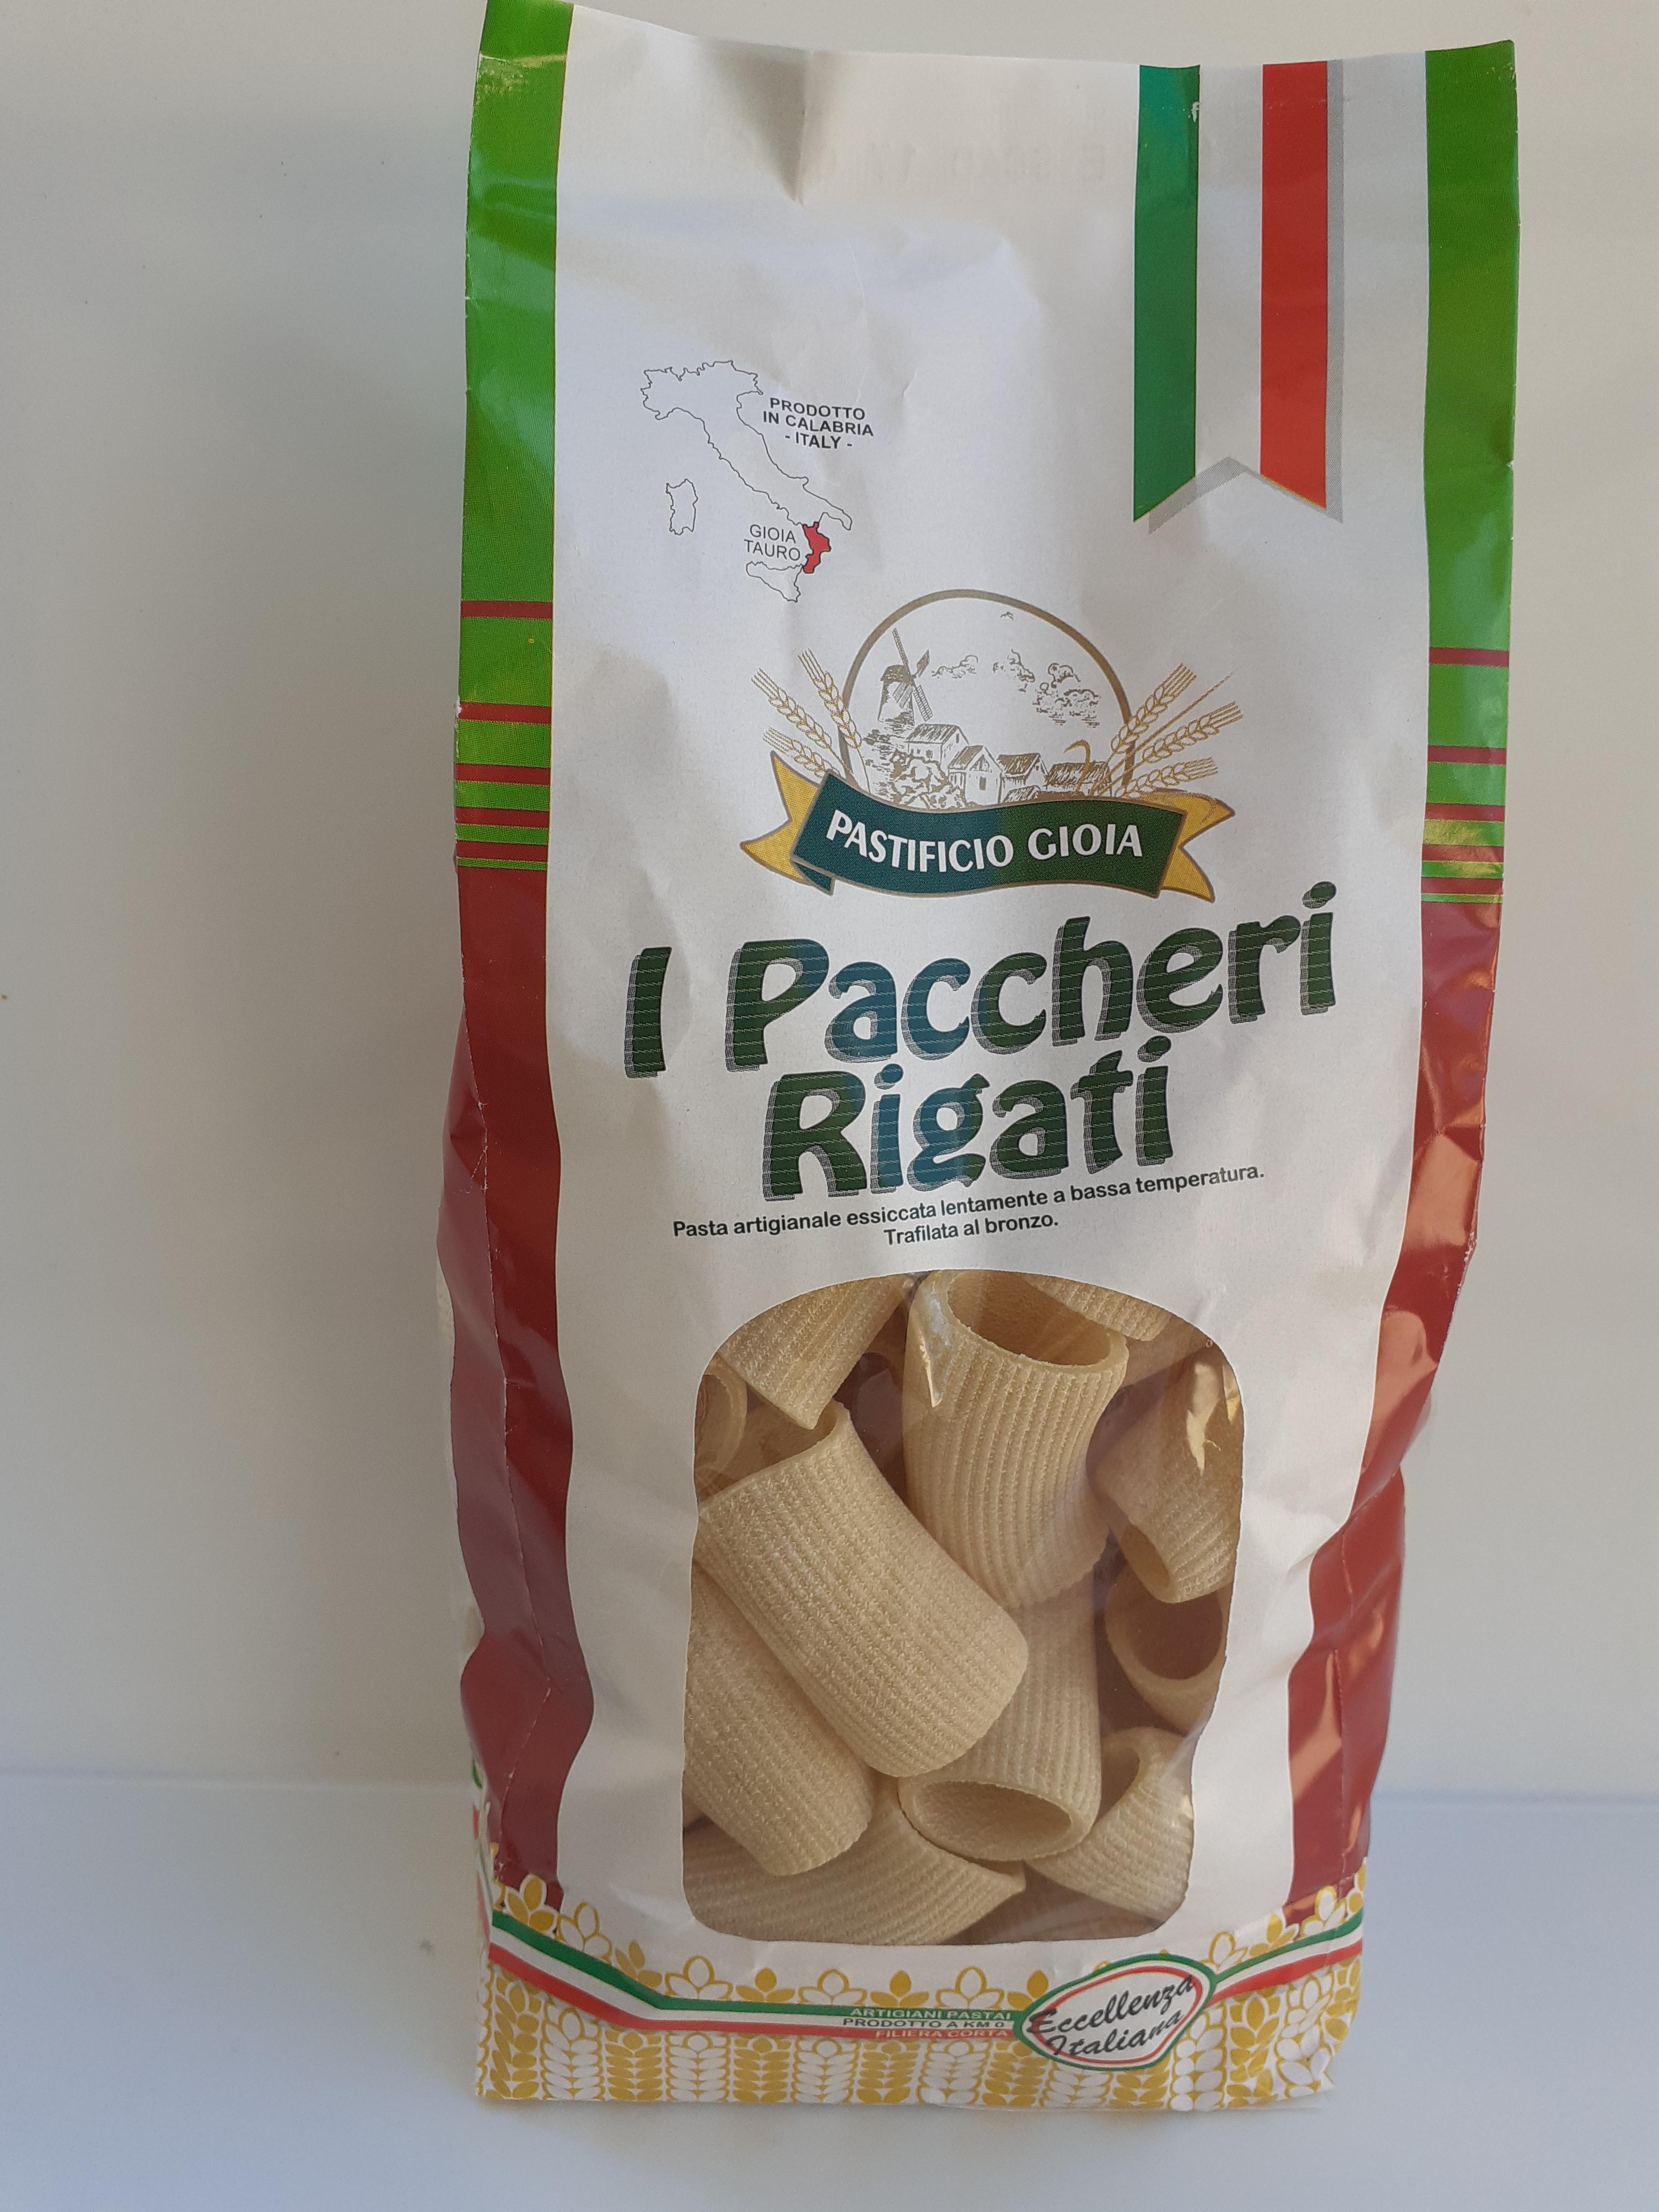 I Paccheri Rigati 500g. Pasta Artigianale essiccata lentamente a bassa temperatura del Pastificio Gioia Gioia Tauro (RC)